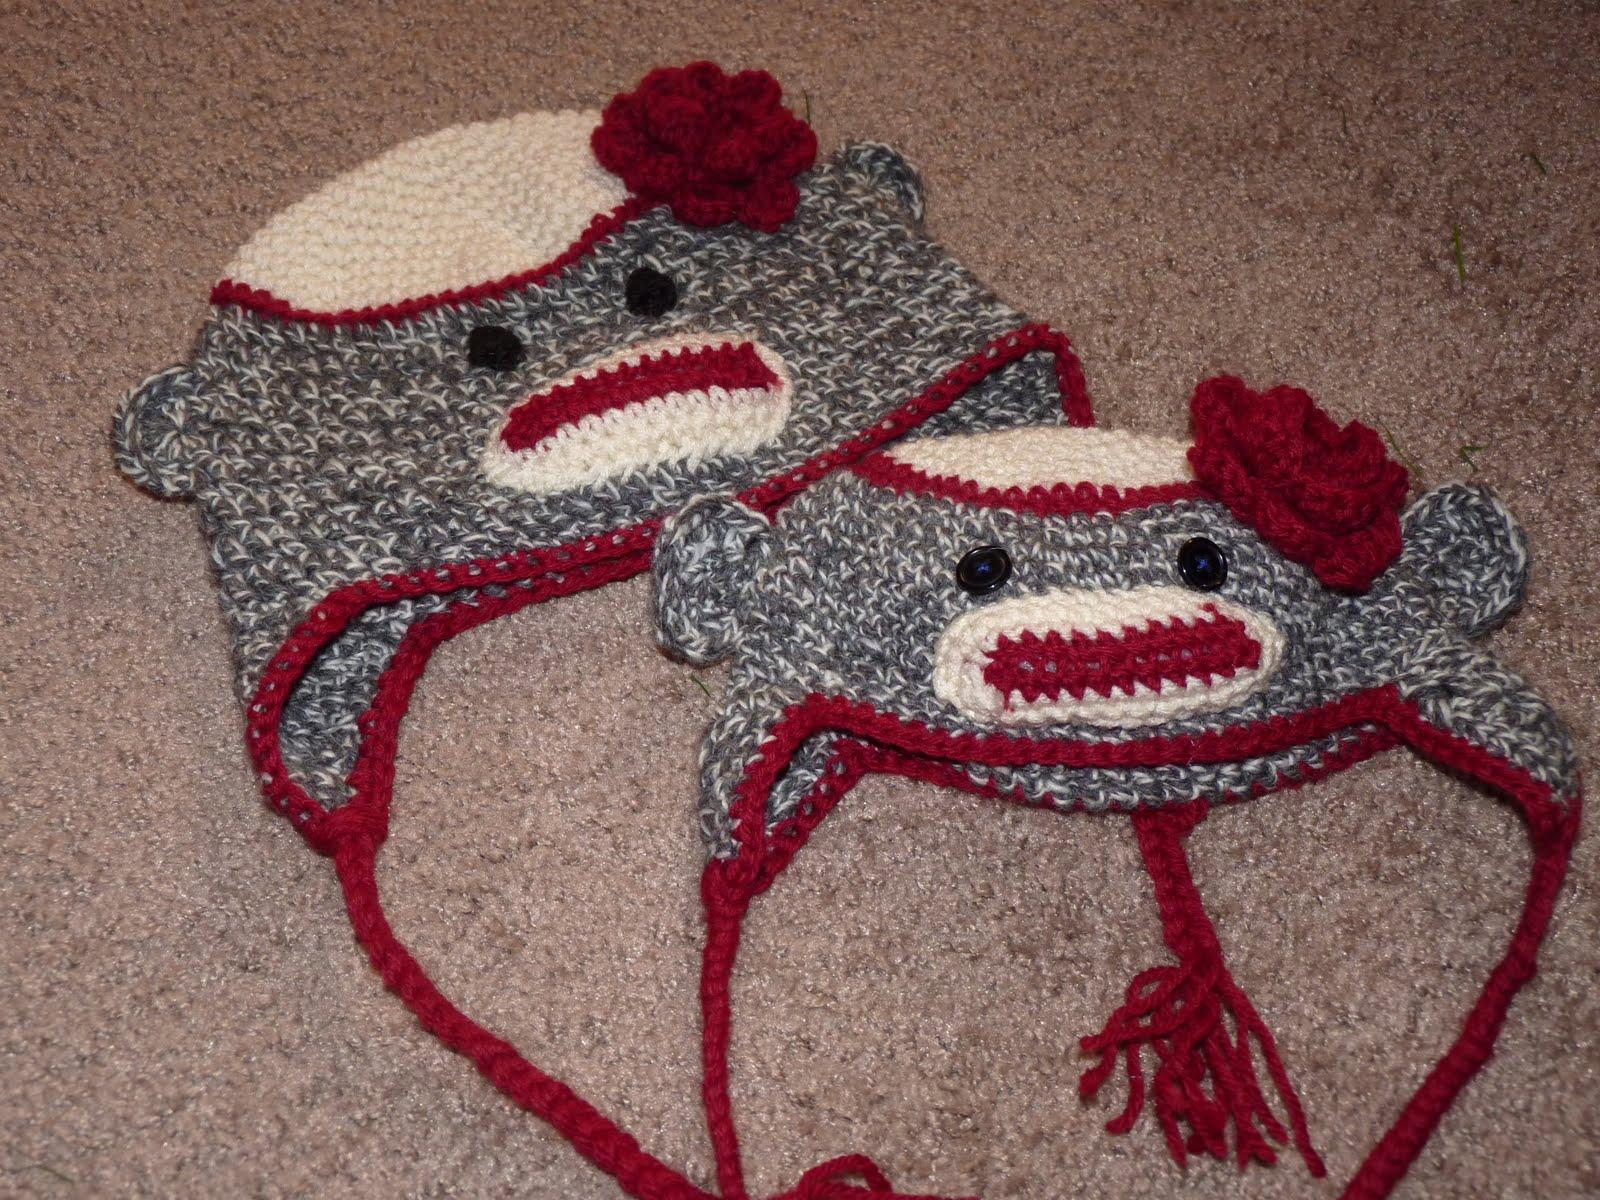 Free crochet patterns for sock monkey hat manet for crochet sock monkey hats sweet t makes three free crochet patterns bankloansurffo Images